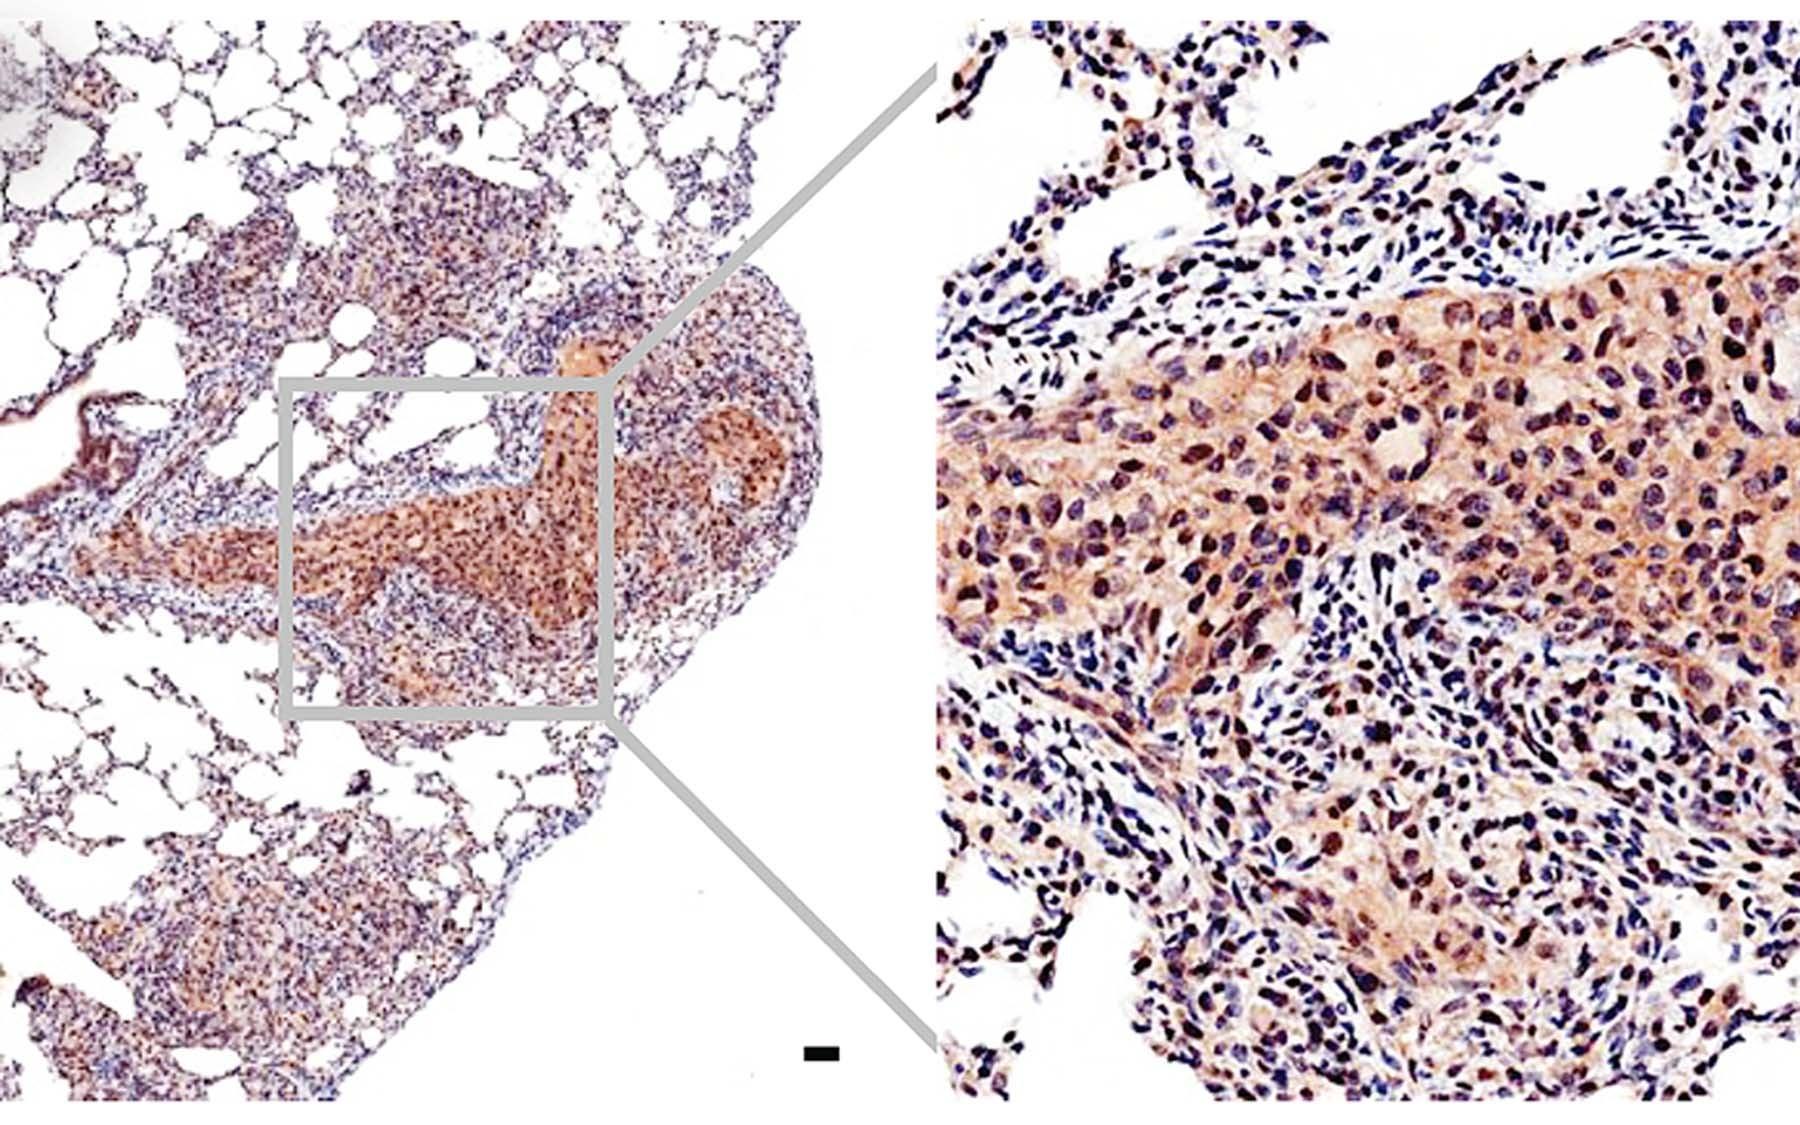 Trotman Myc prostate cancer